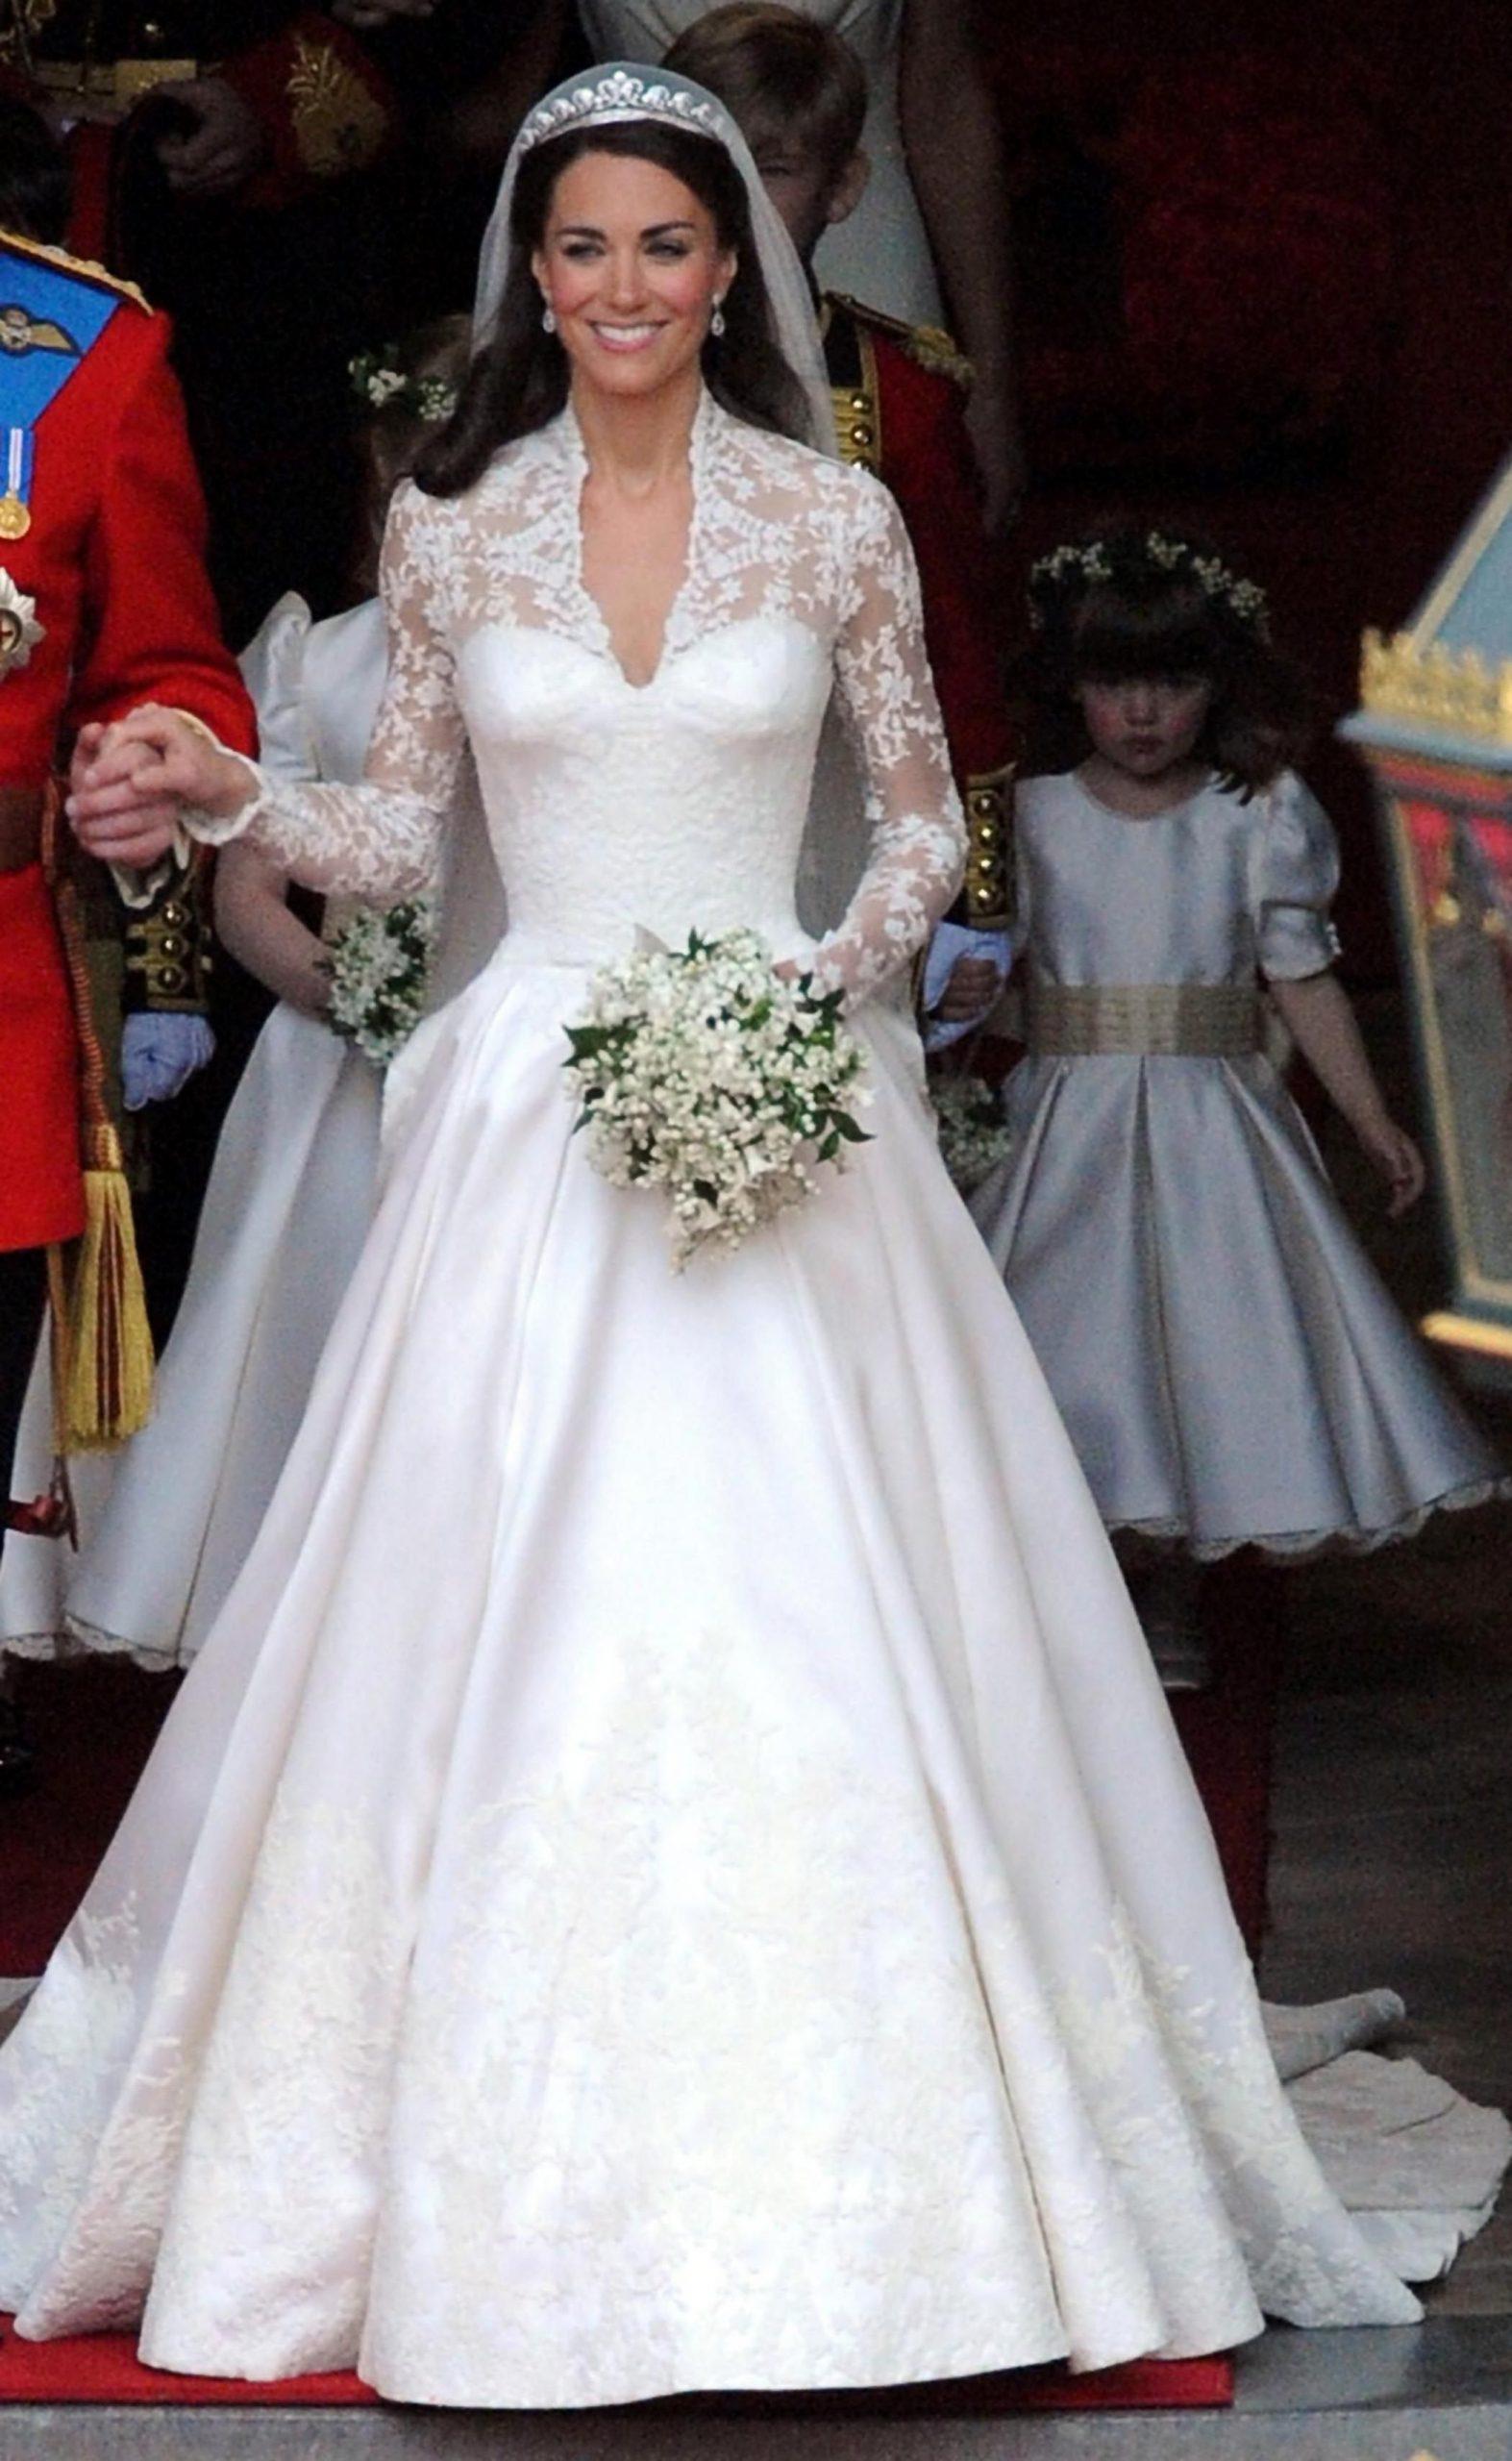 10 New Rules For Wedding Dresses | Kate Middleton